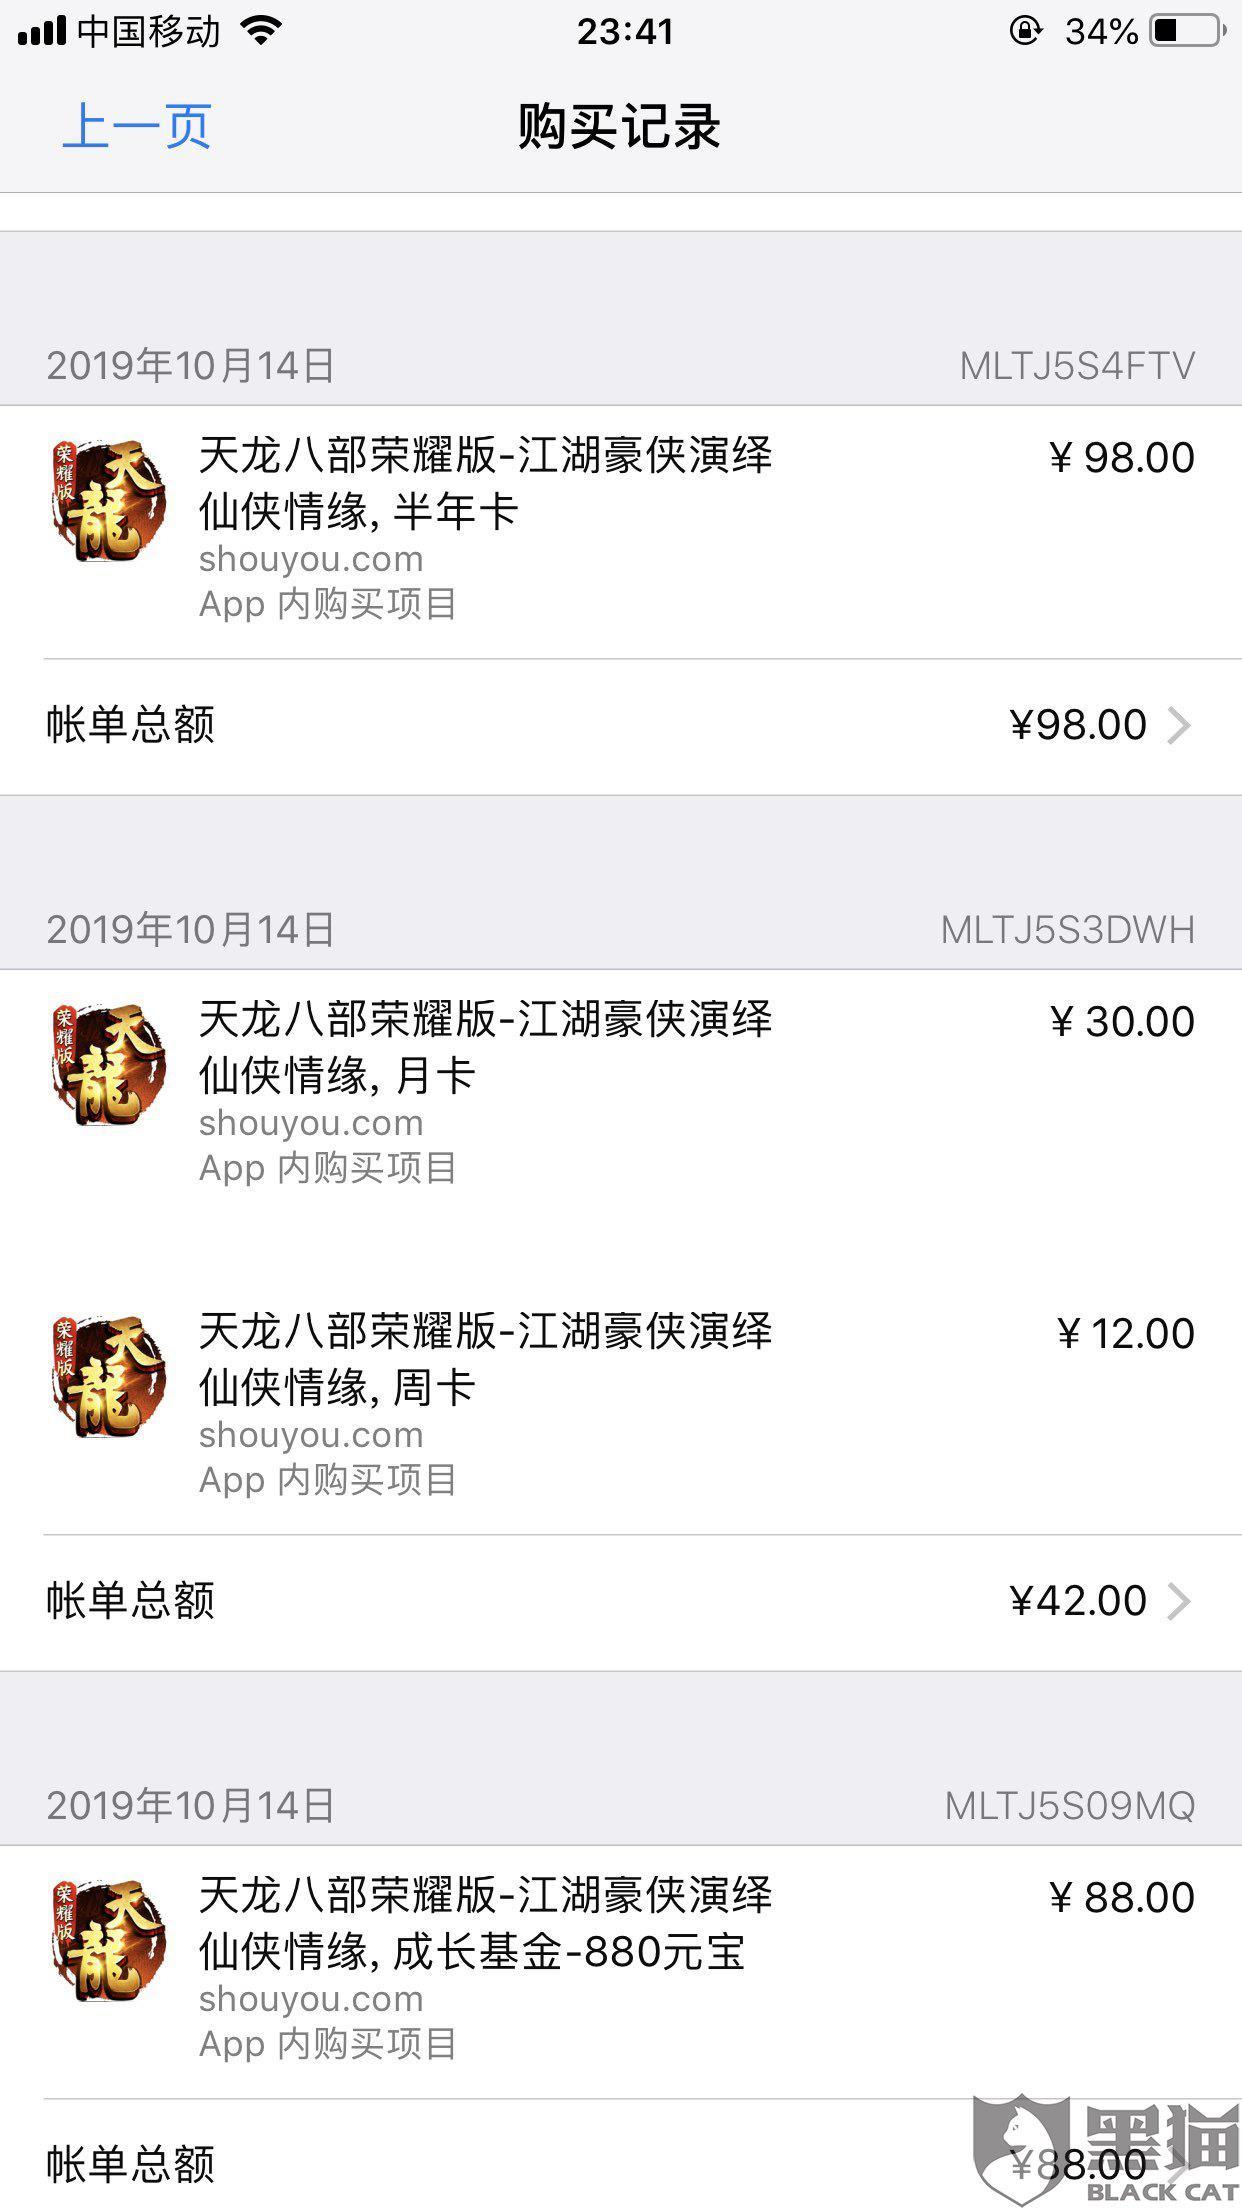 黑猫投诉:投诉:北京畅游时代数码技术有限公司,该游戏在开新区活动中引诱玩家充值不予发货。